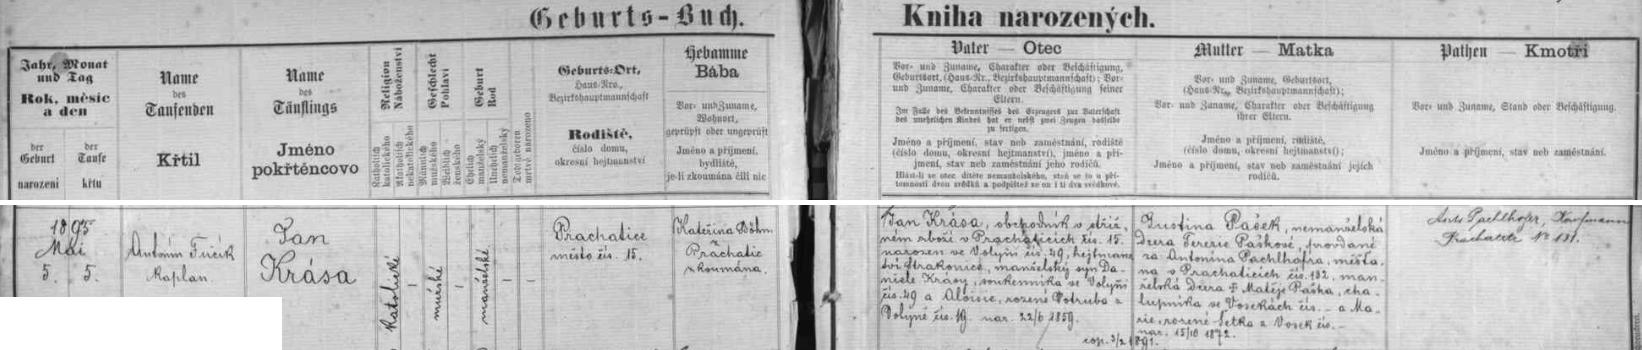 Záznam prachatické křestní matriky o narození Jana Krásy, jehož dědem byl Anton Pachelhofer